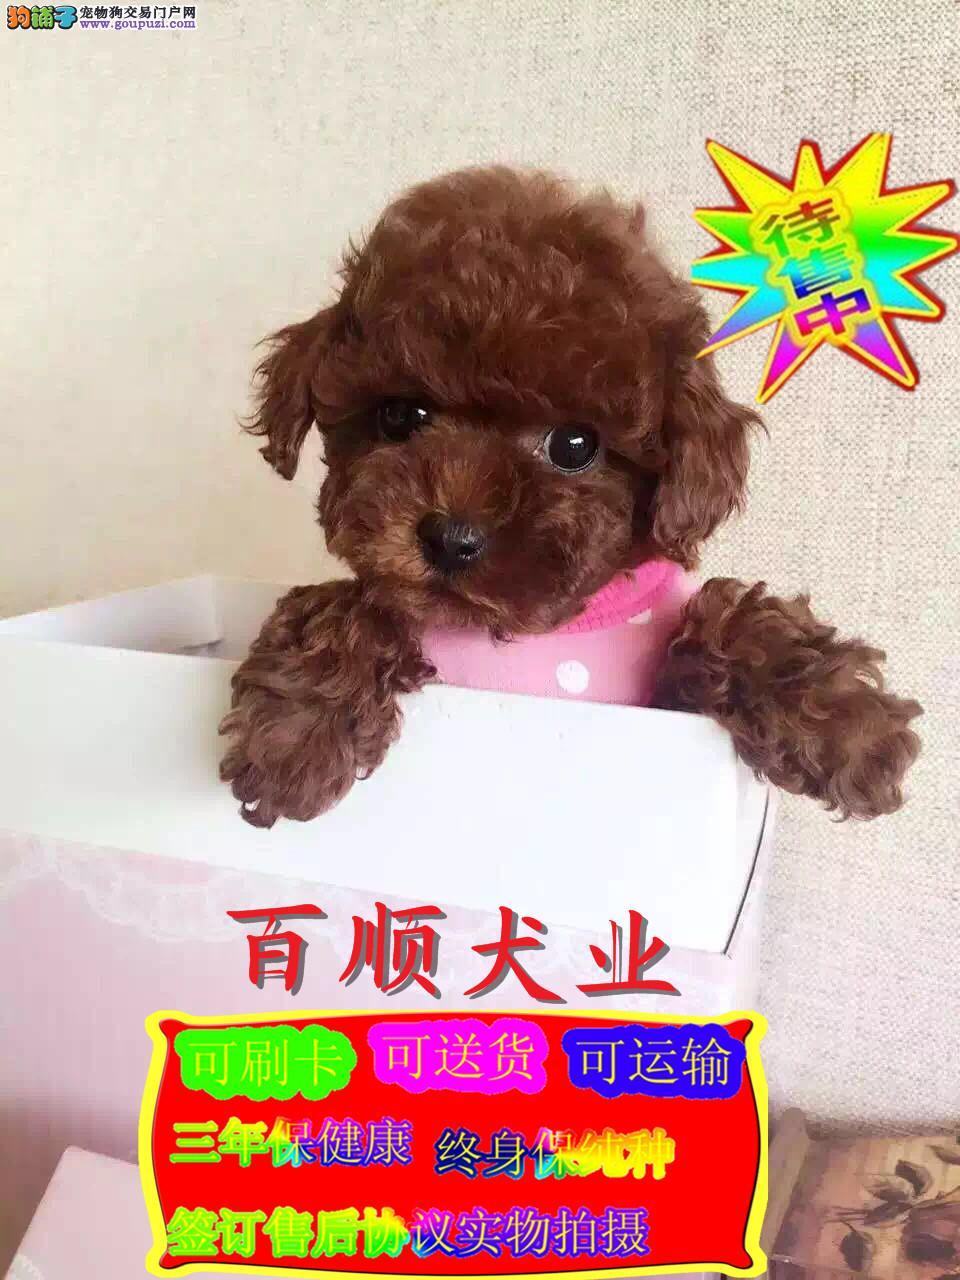 玩具,茶杯,迷你体,卷毛苹果脸纯种泰迪宝宝出售